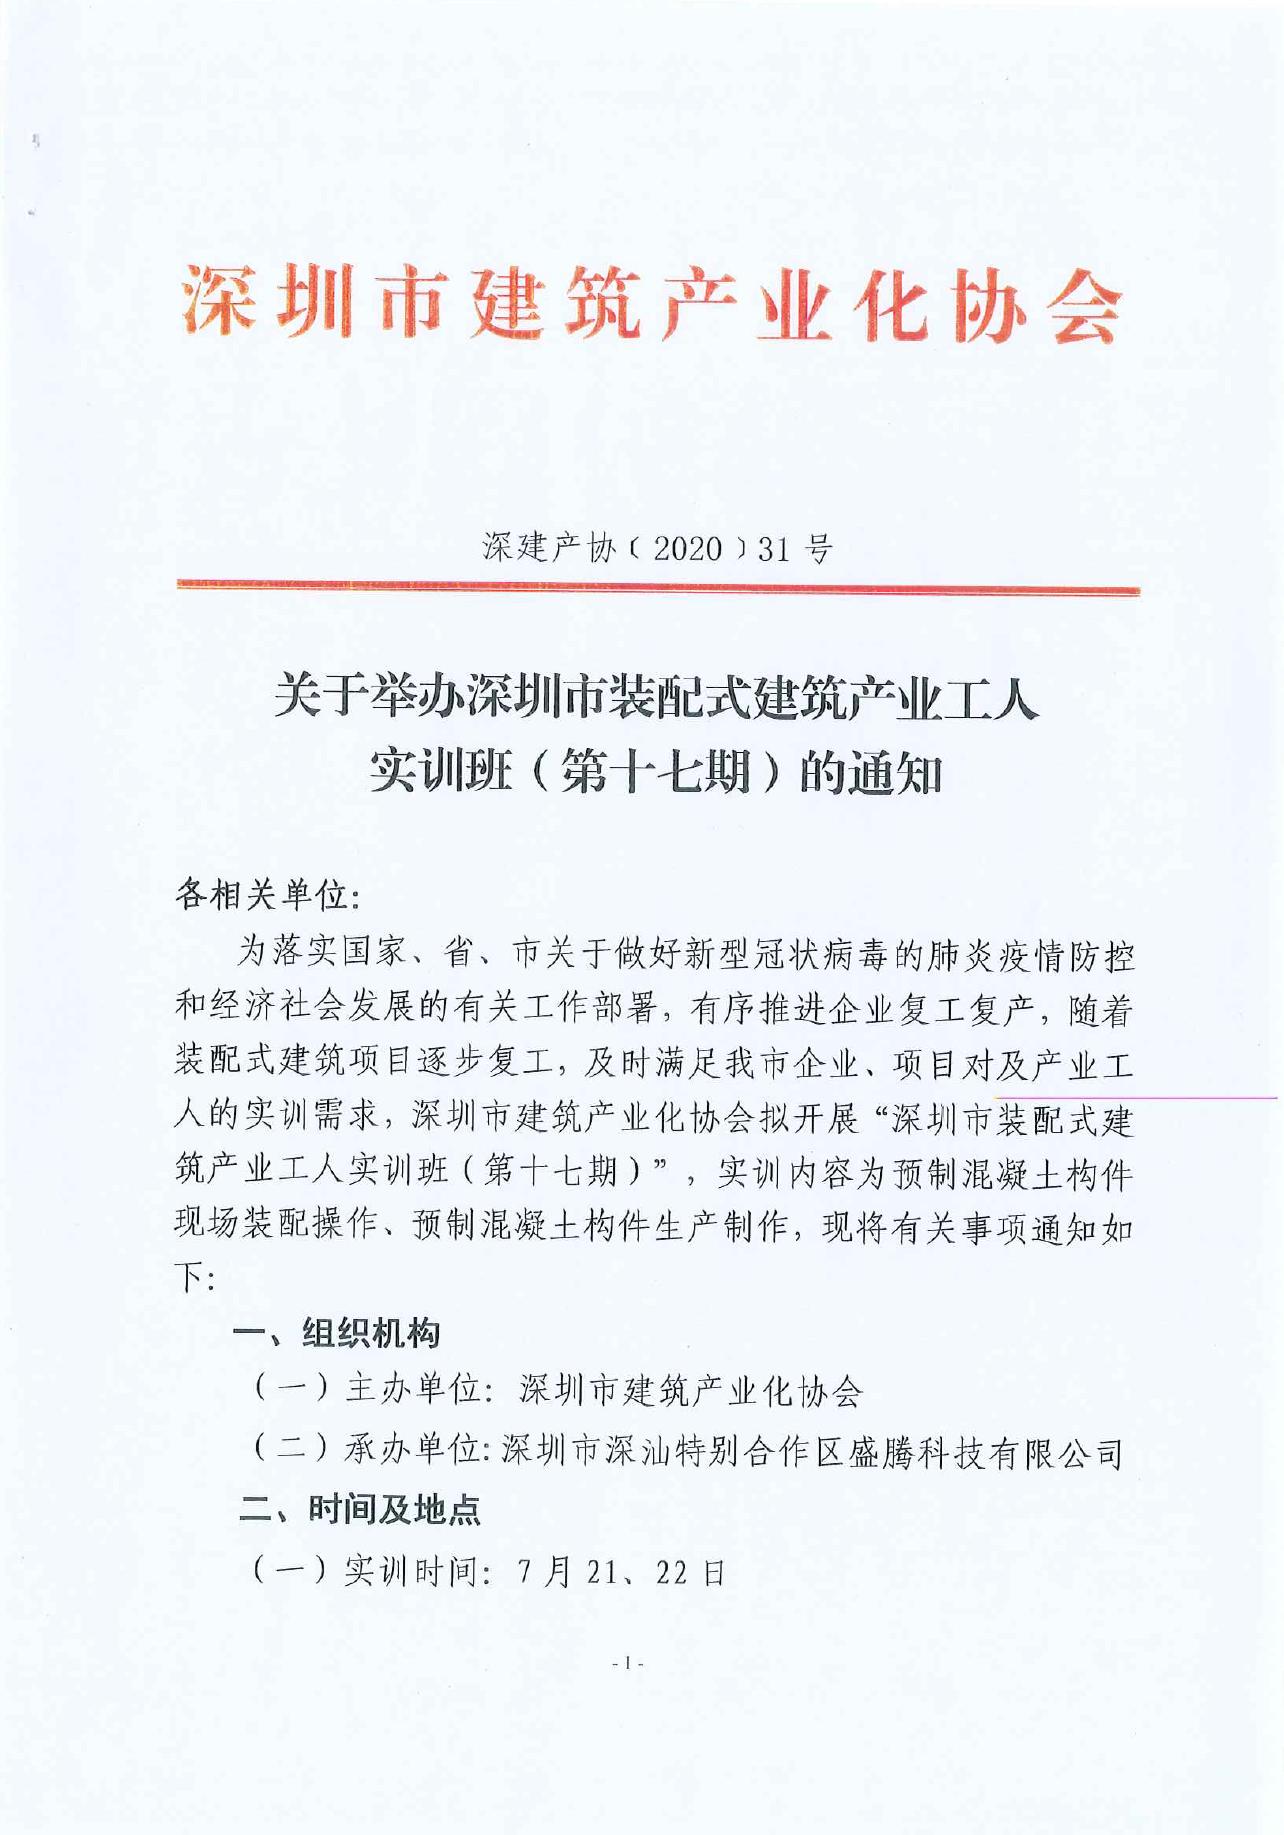 关于举办深圳市装配式建筑产业工人实训班(第十七期)的通知